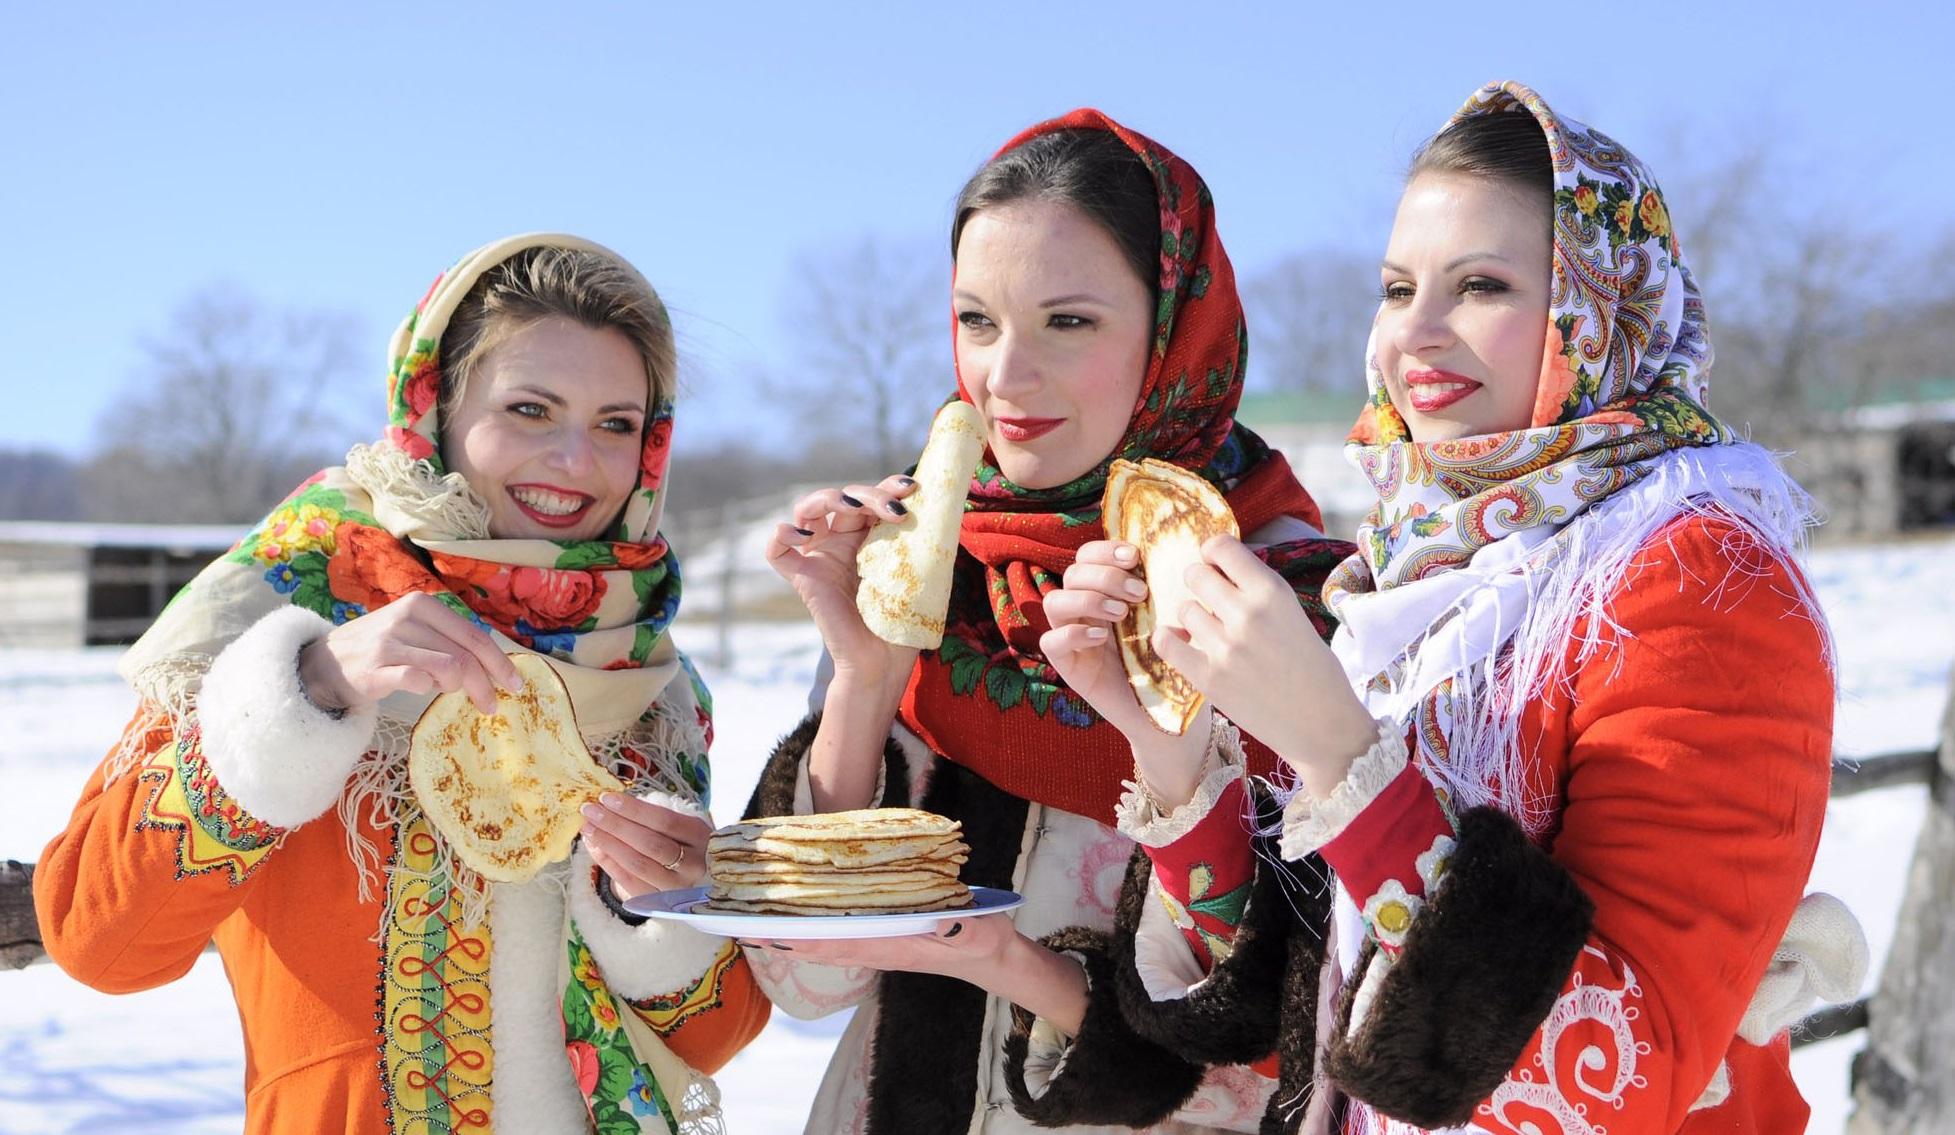 Масленица по-запорожски: где на выходных горожане смогут полакомиться блинами и поучаствовать в праздничных развлечениях